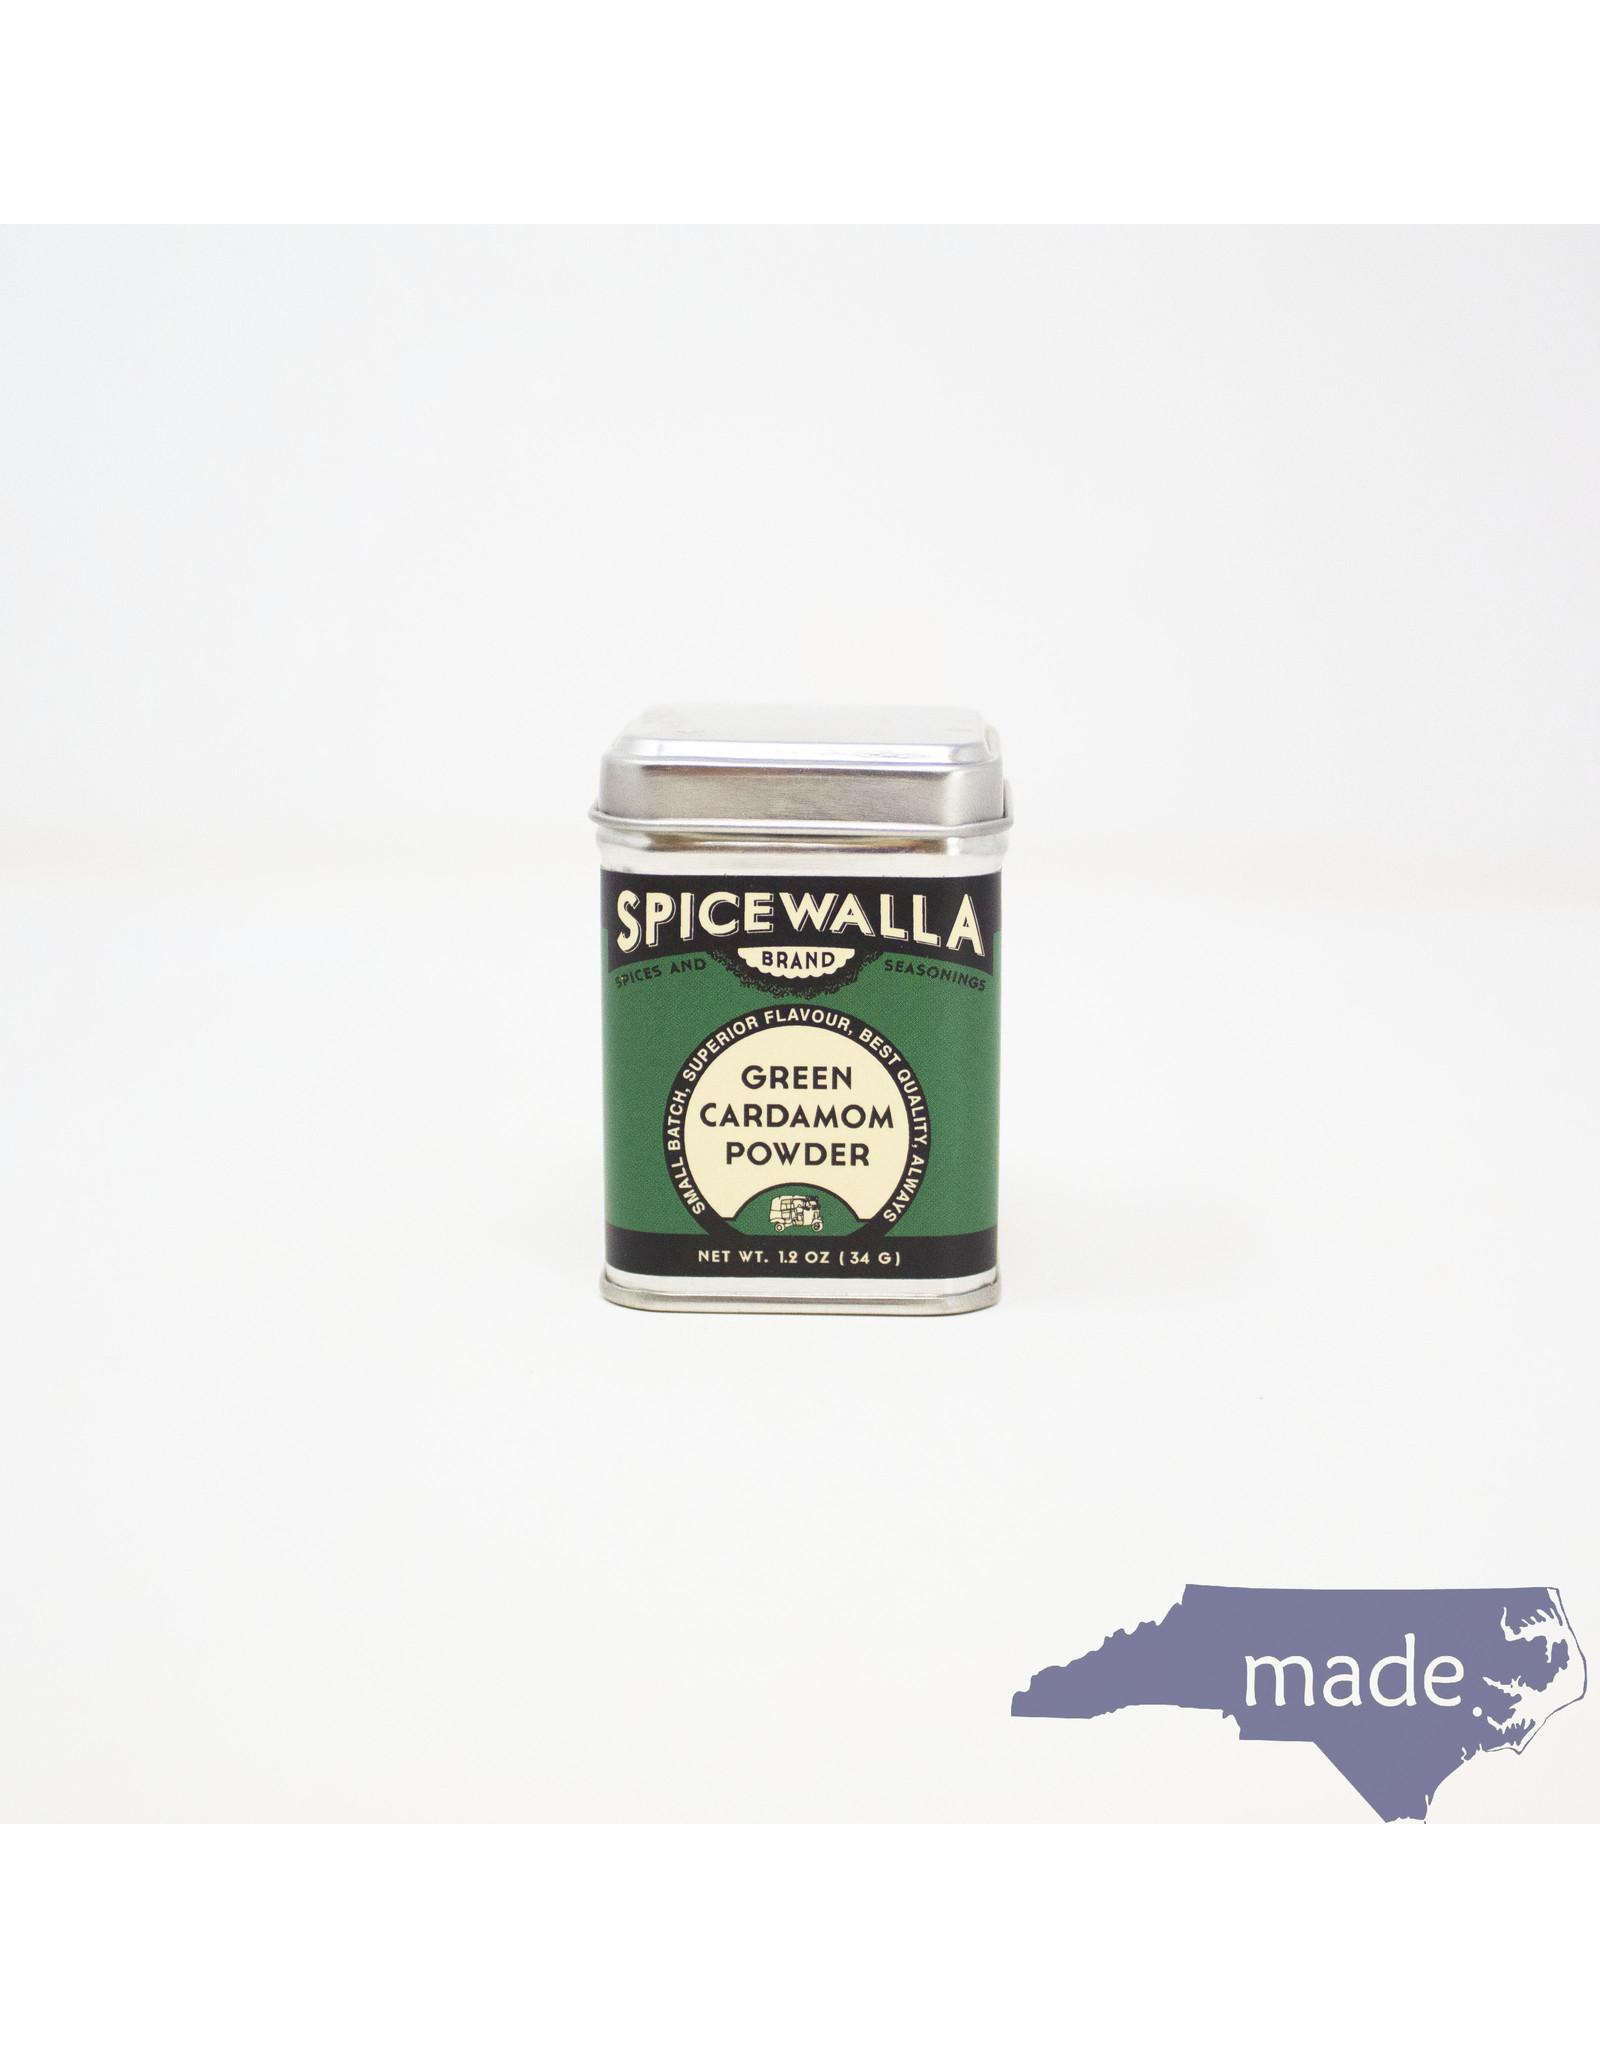 Spicewalla Green Cardamom - Spicewalla